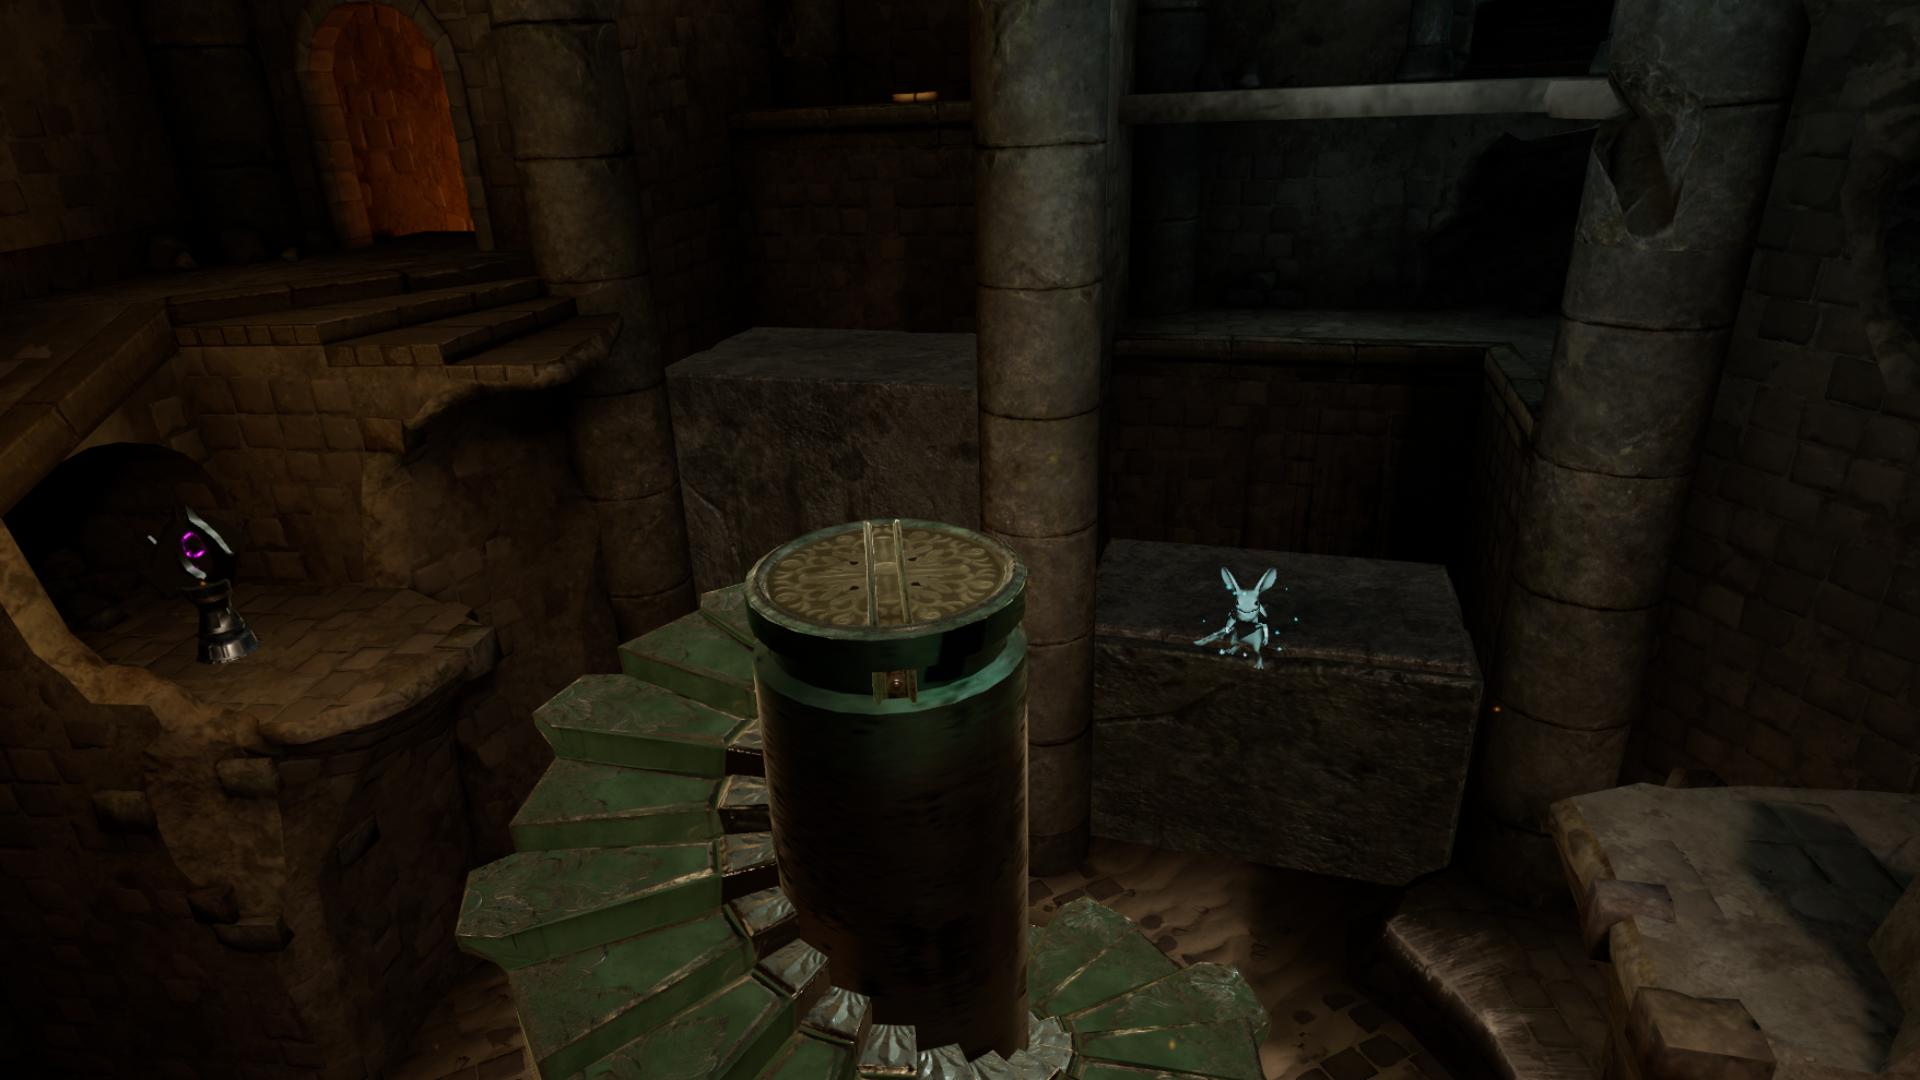 VRゲーム【Moss】パズルがよくできている。難易度もちょーど良い!